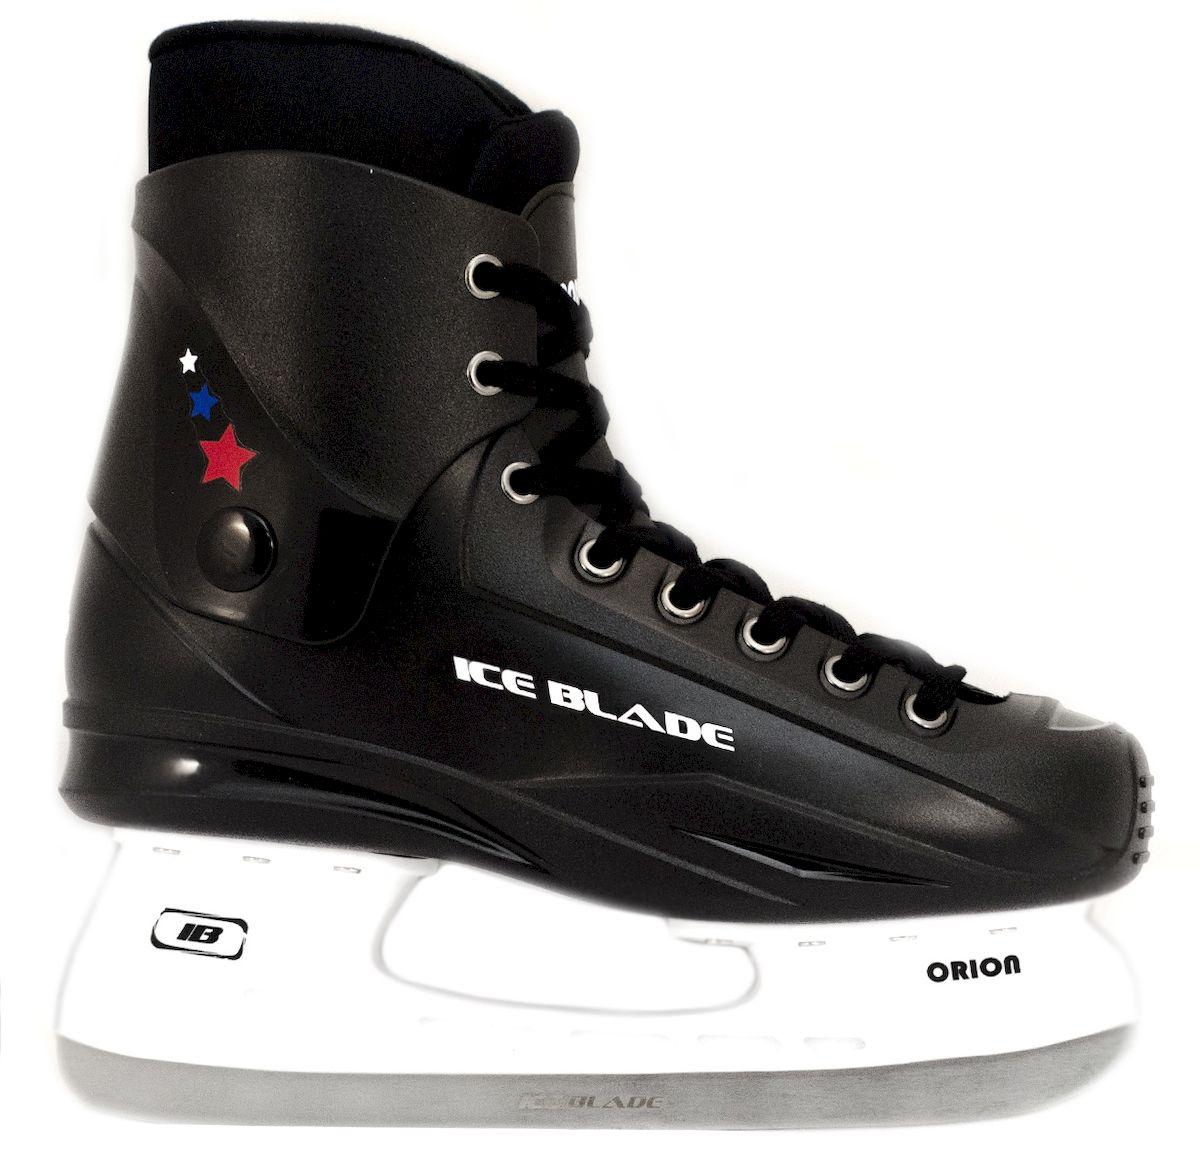 Коньки хоккейные Ice Blade Orion, цвет: черный. УТ-00004984. Размер 39УТ-00004984Коньки хоккейные Orion - это хоккейные коньки для любых возрастов. Конструкция Ice Blade Orion прекрасно защищает стопу, очень комфортно для активного катания, а также позволяет играть в хоккей. Легкий пластиковый ботинок хоккейных коньков Ice Blade Orion очень комфортный как для простого катания на льду, так и для любительского хоккея. Внутренний сапожок утеплен мягким и дышащим материалом, а язычок усилен специальной вставкой для большей безопасности Вашей стопы. Модель Ice Blade Orion также прекрасно подойдет и для коммерческого использования. Данную модель часто покупают для использования в прокате. Материал: Выполнены из высококачественного морозостойкого пластика и нейлоновой сетки. Внутренняя часть отделана мягким вельветом. Материал лезвия - высокоуглеродистая сталь. Основные характеристики: Назначение: хоккейные коньки Тип фиксации: шнурки Дополнительные характеристики: Материал ботинка: высококачественный морозостойкий пластик и нейлоновая сетка...